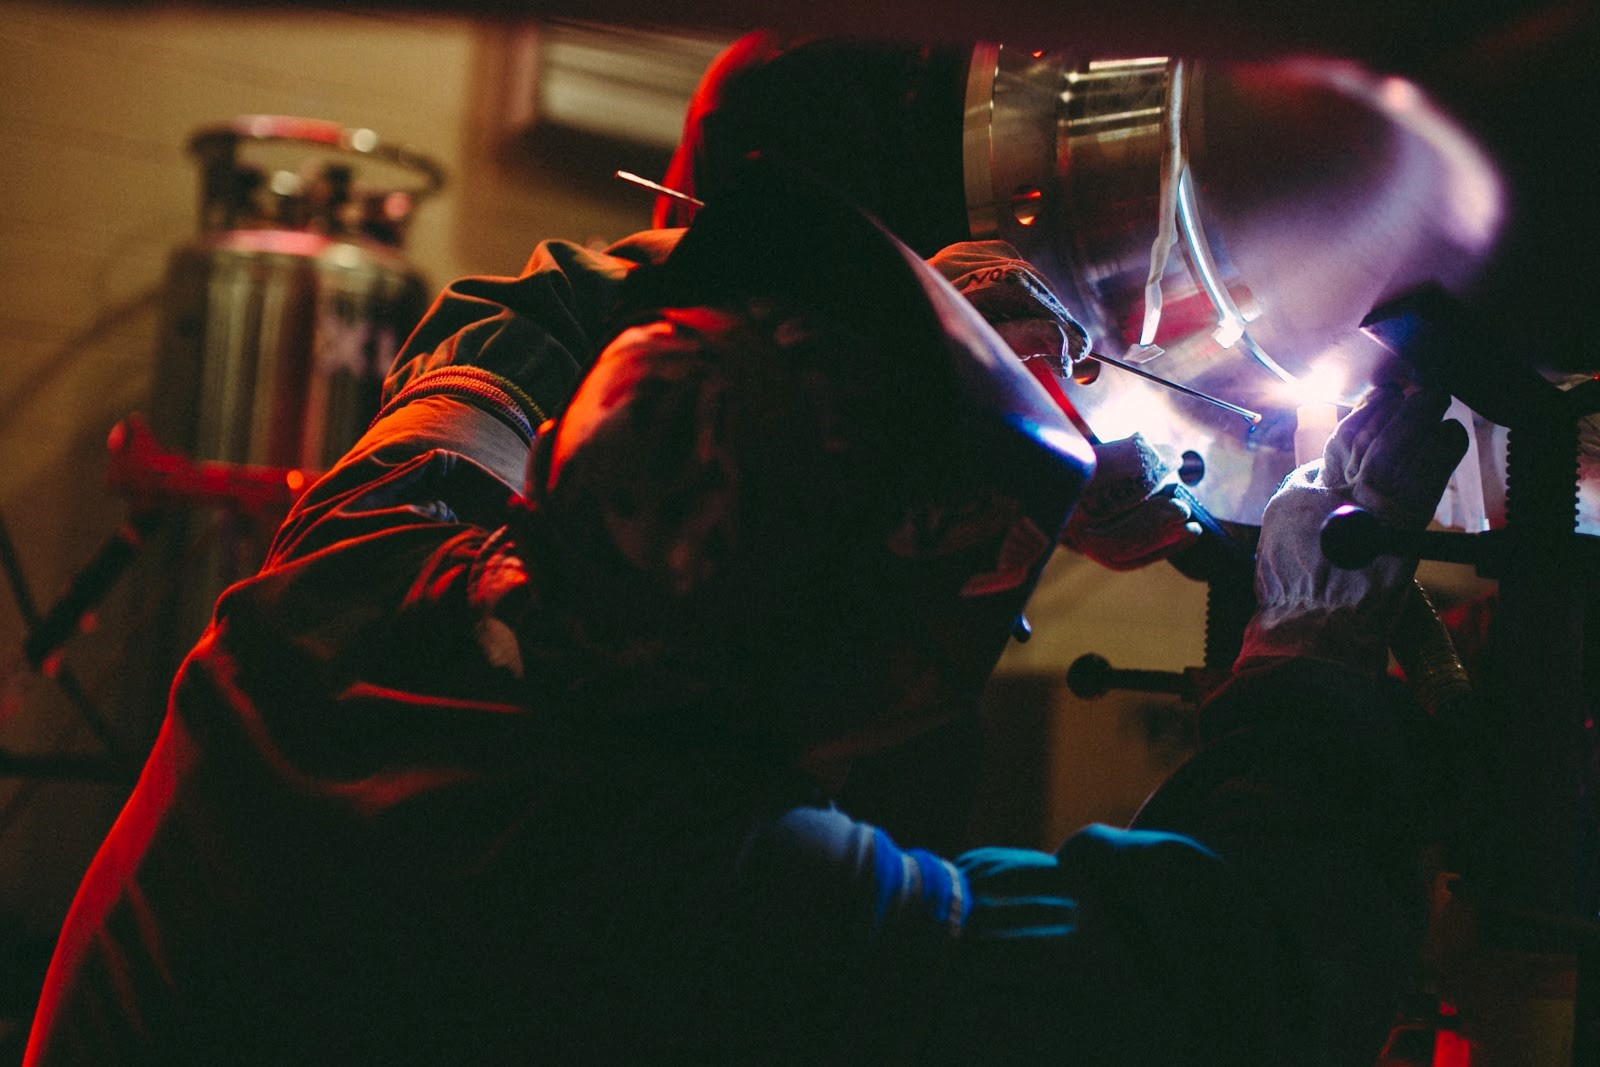 Sản xuất kết cấu thép với tiêu chuẩn nghiêm ngặt để đảm bảo chất lượng tốt nhất